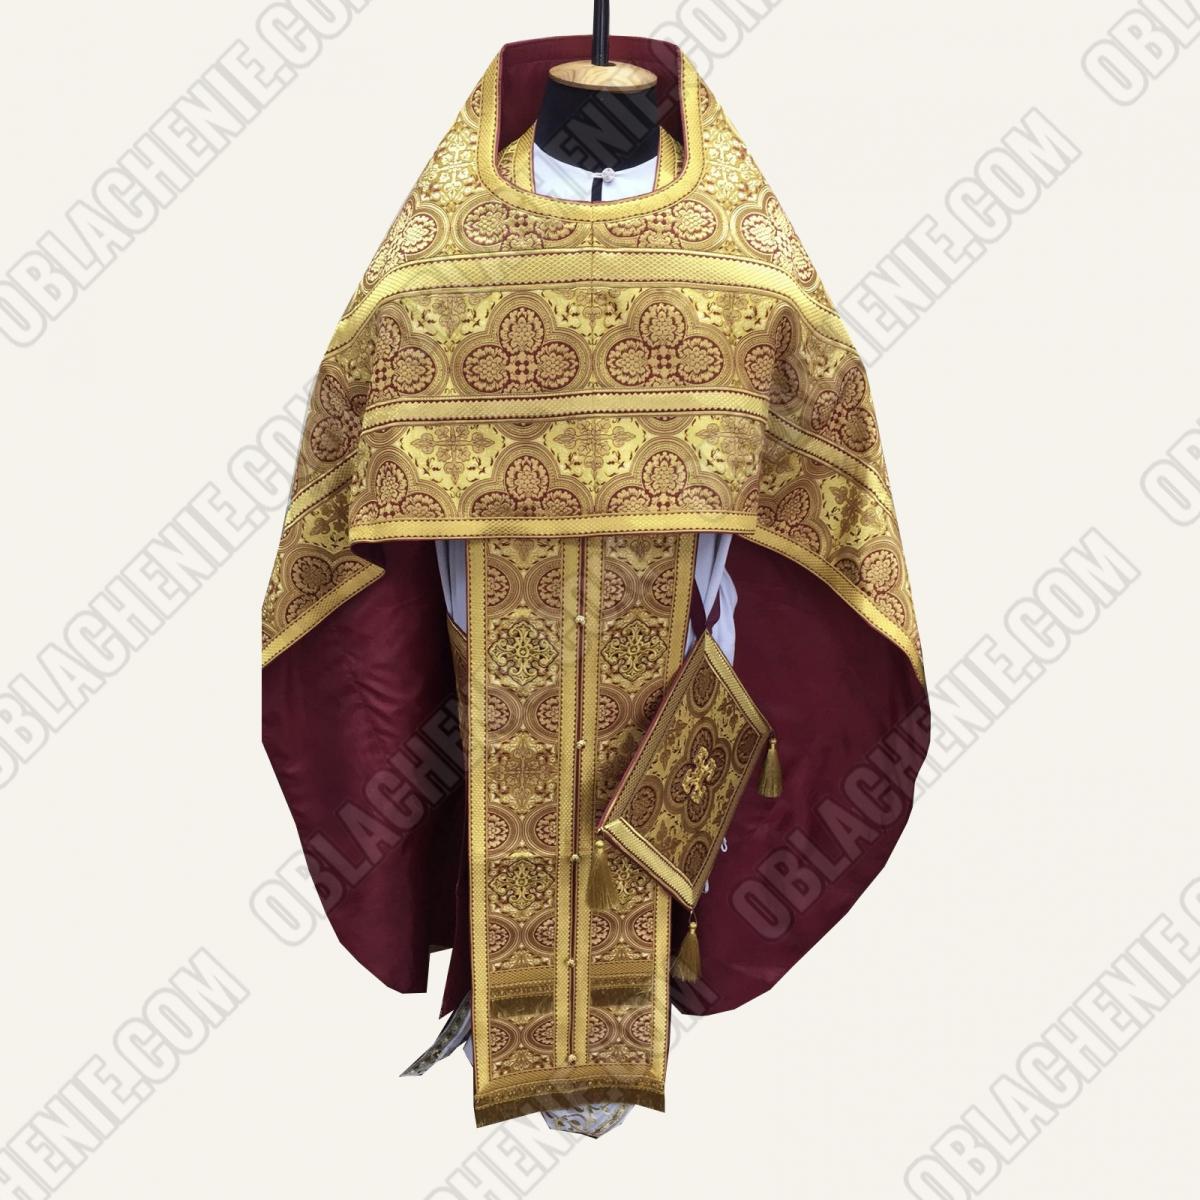 PRIEST'S VESTMENTS 11588